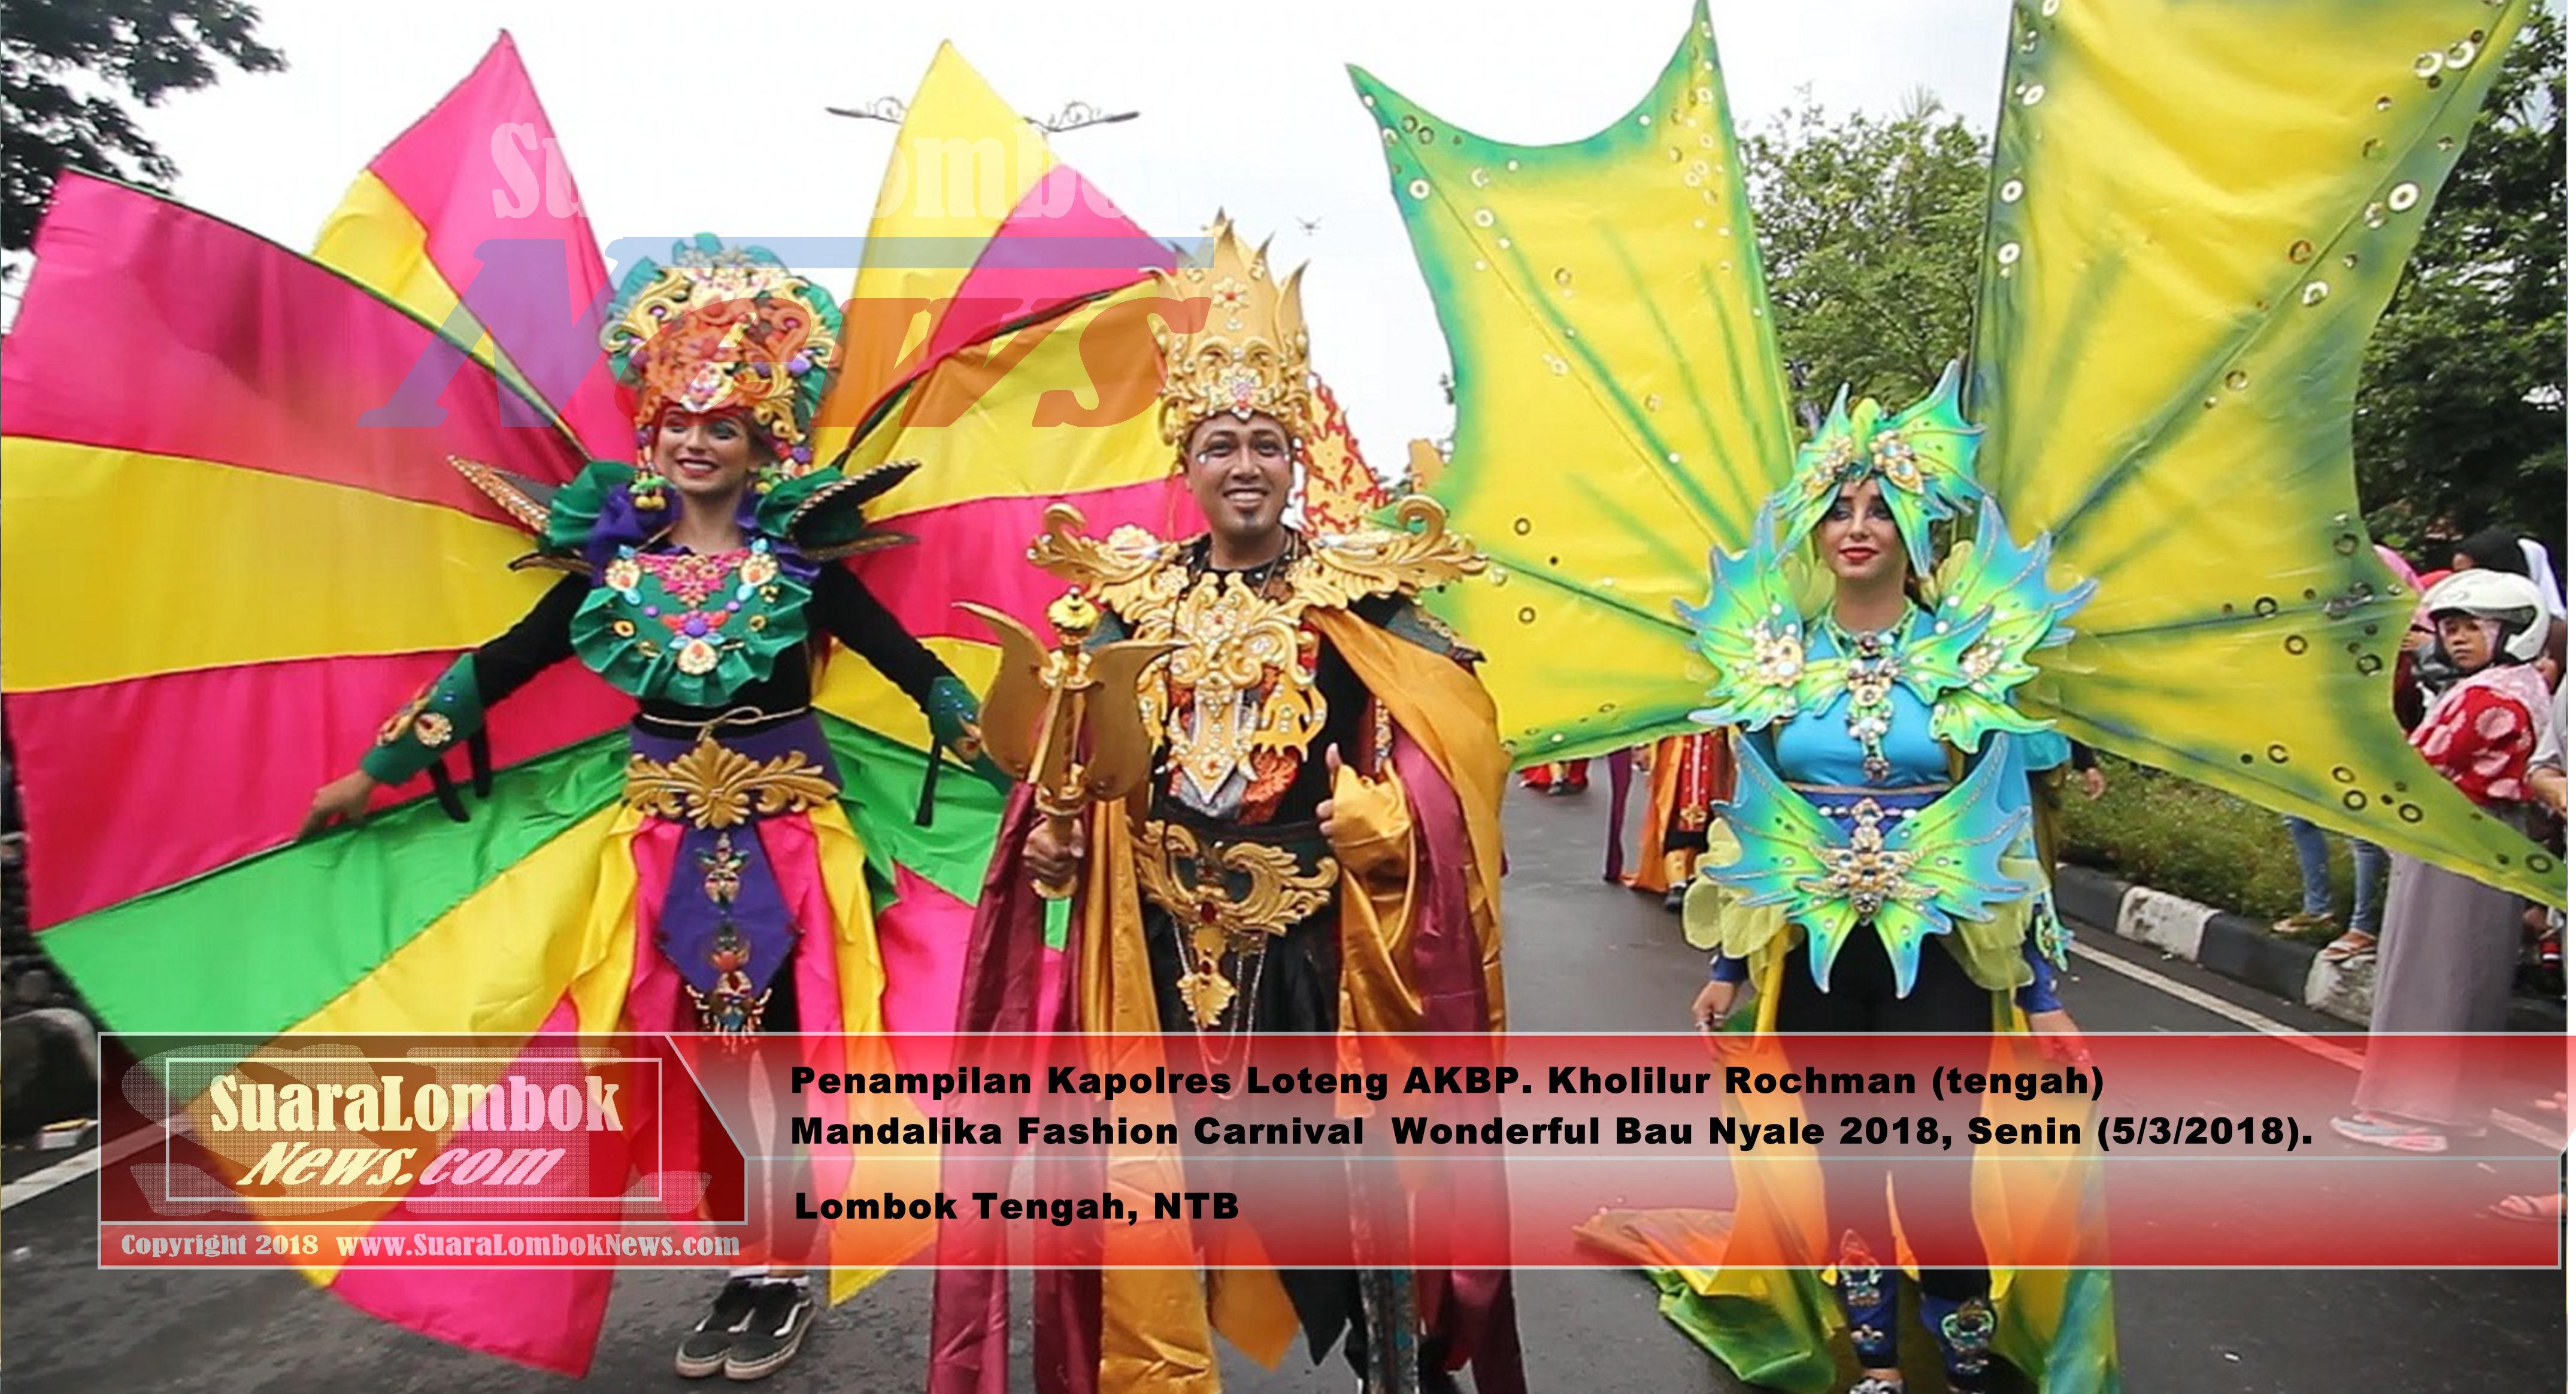 Penampilan Polres Loteng di Mandalika Fashion Carnival Pukau Pengunjung